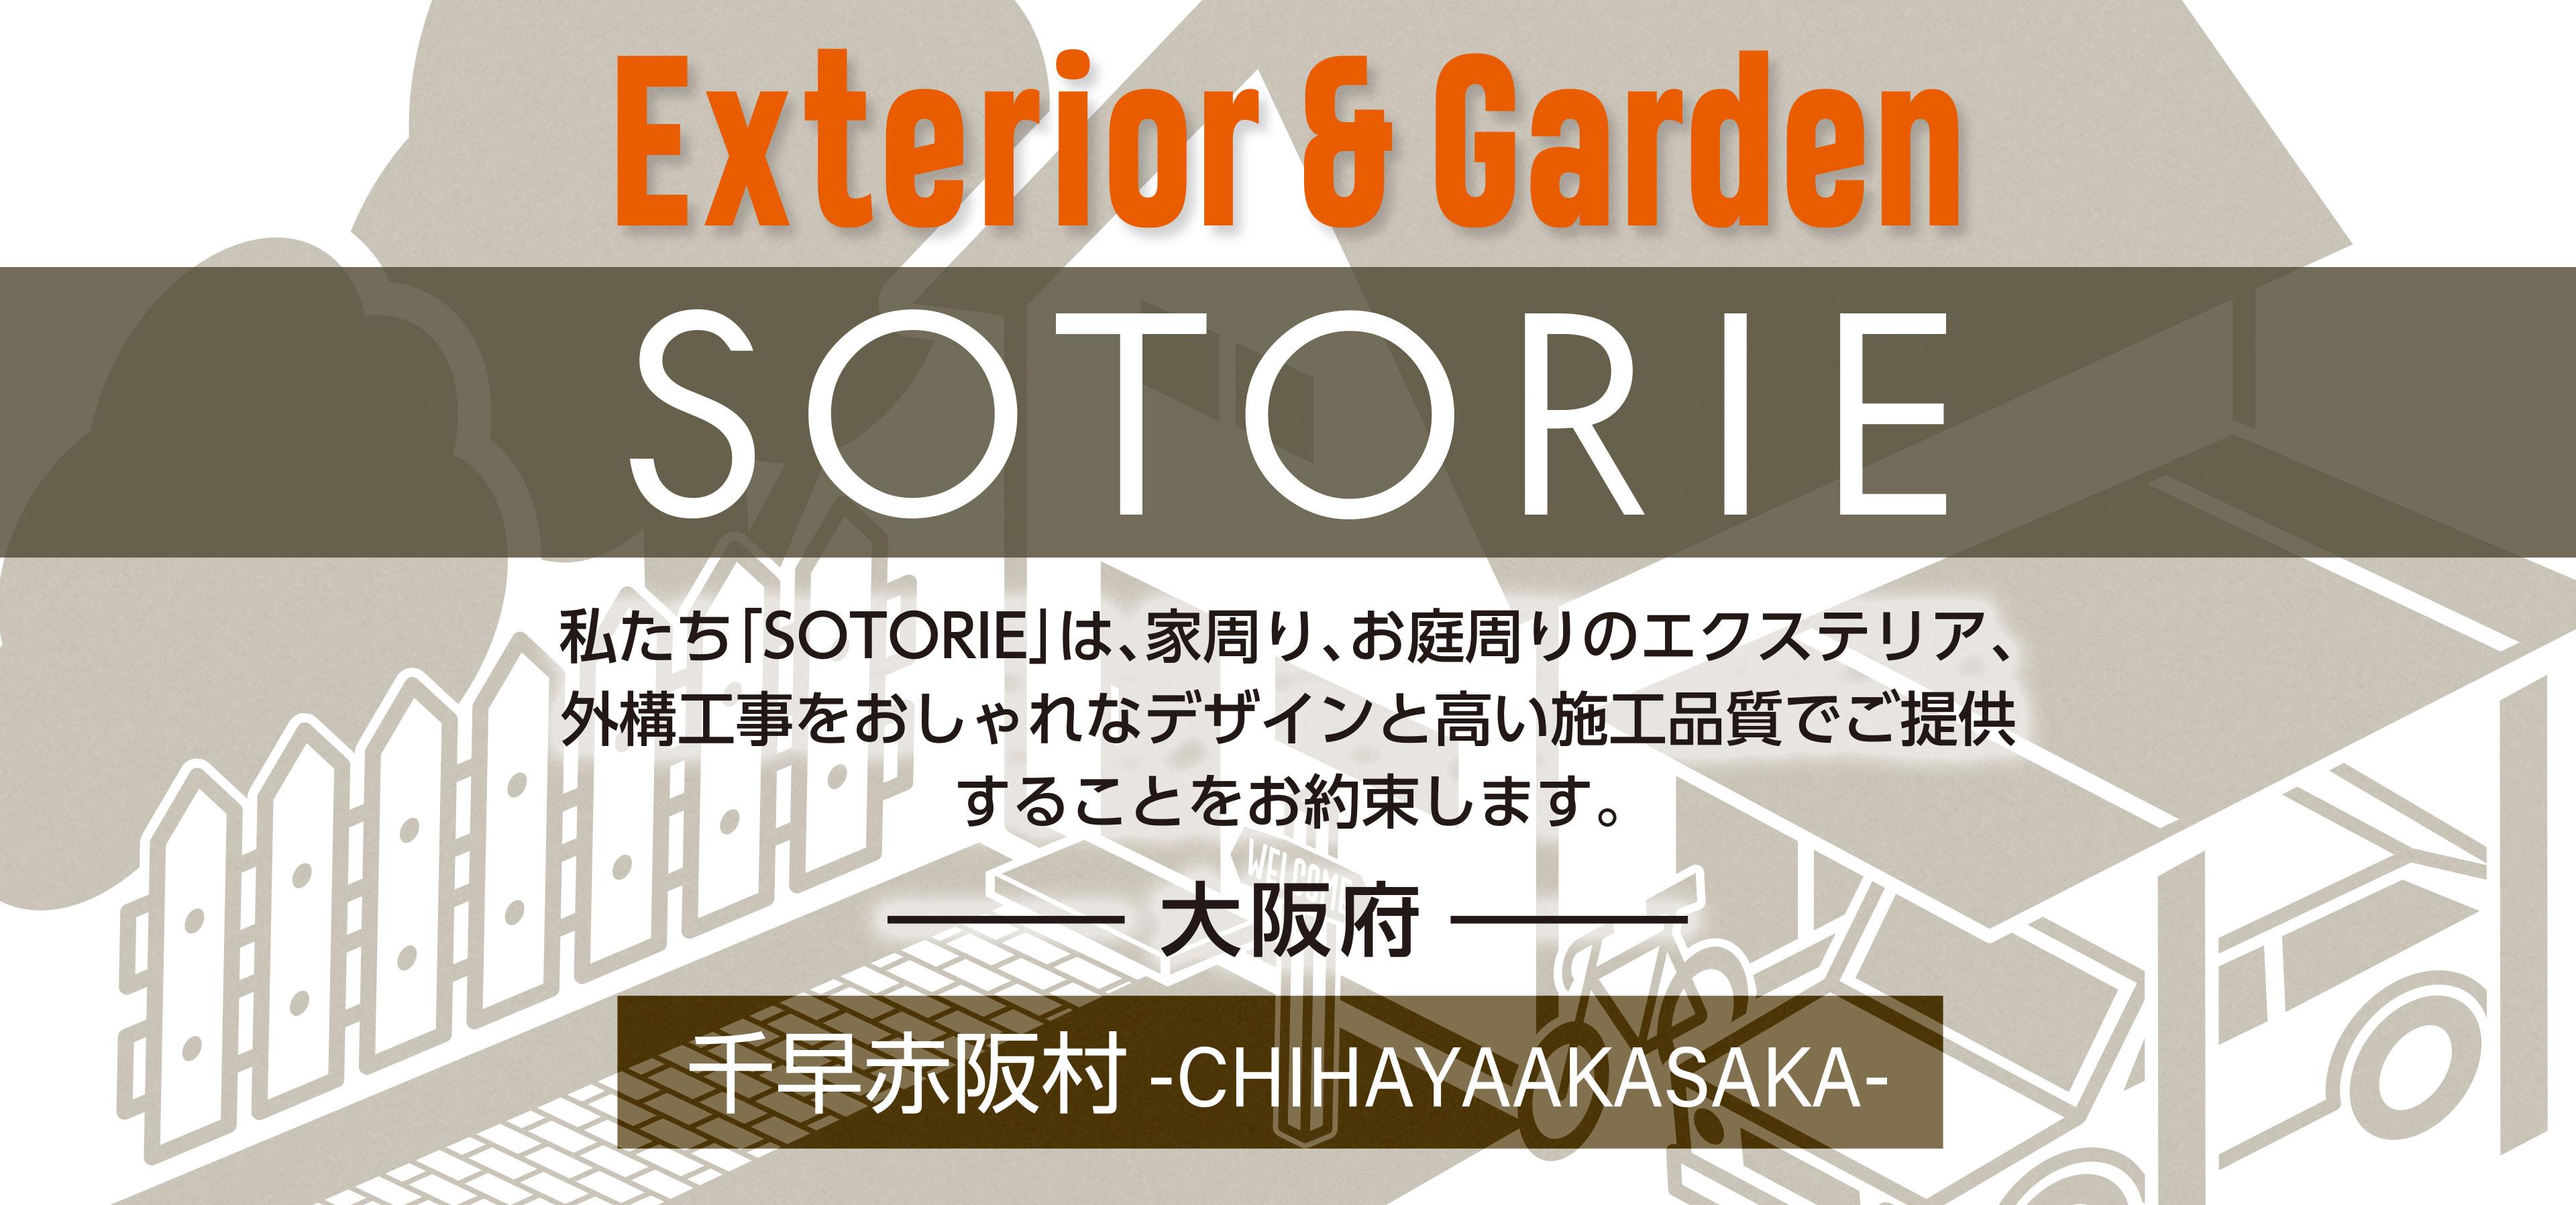 ソトリエ南河内郡千早赤阪村では、家周りと庭周りの外構、エクステリア工事をおしゃれなデザインと高い施工品質でご提供することをお約束します。